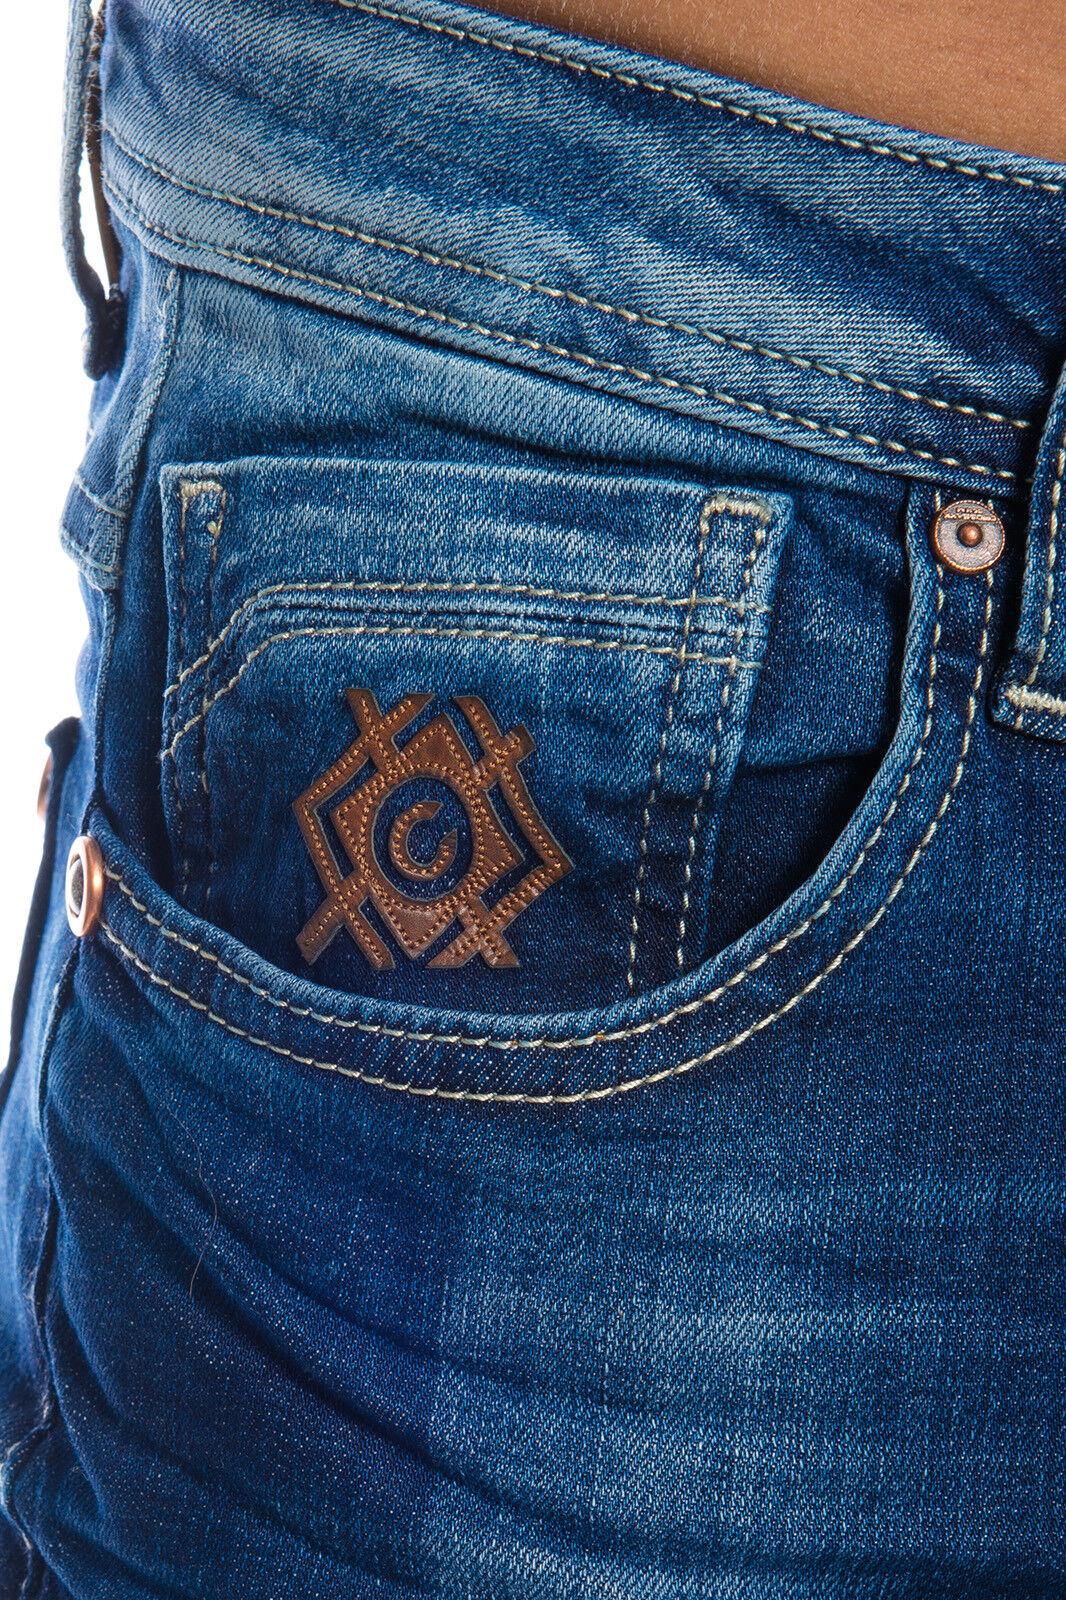 CIPO & Baxx Hommes 31 Premium Jeans Pantalon 389 Bleu w28 29 30 31 Hommes 32 33 34 36 38 40 3a5d55